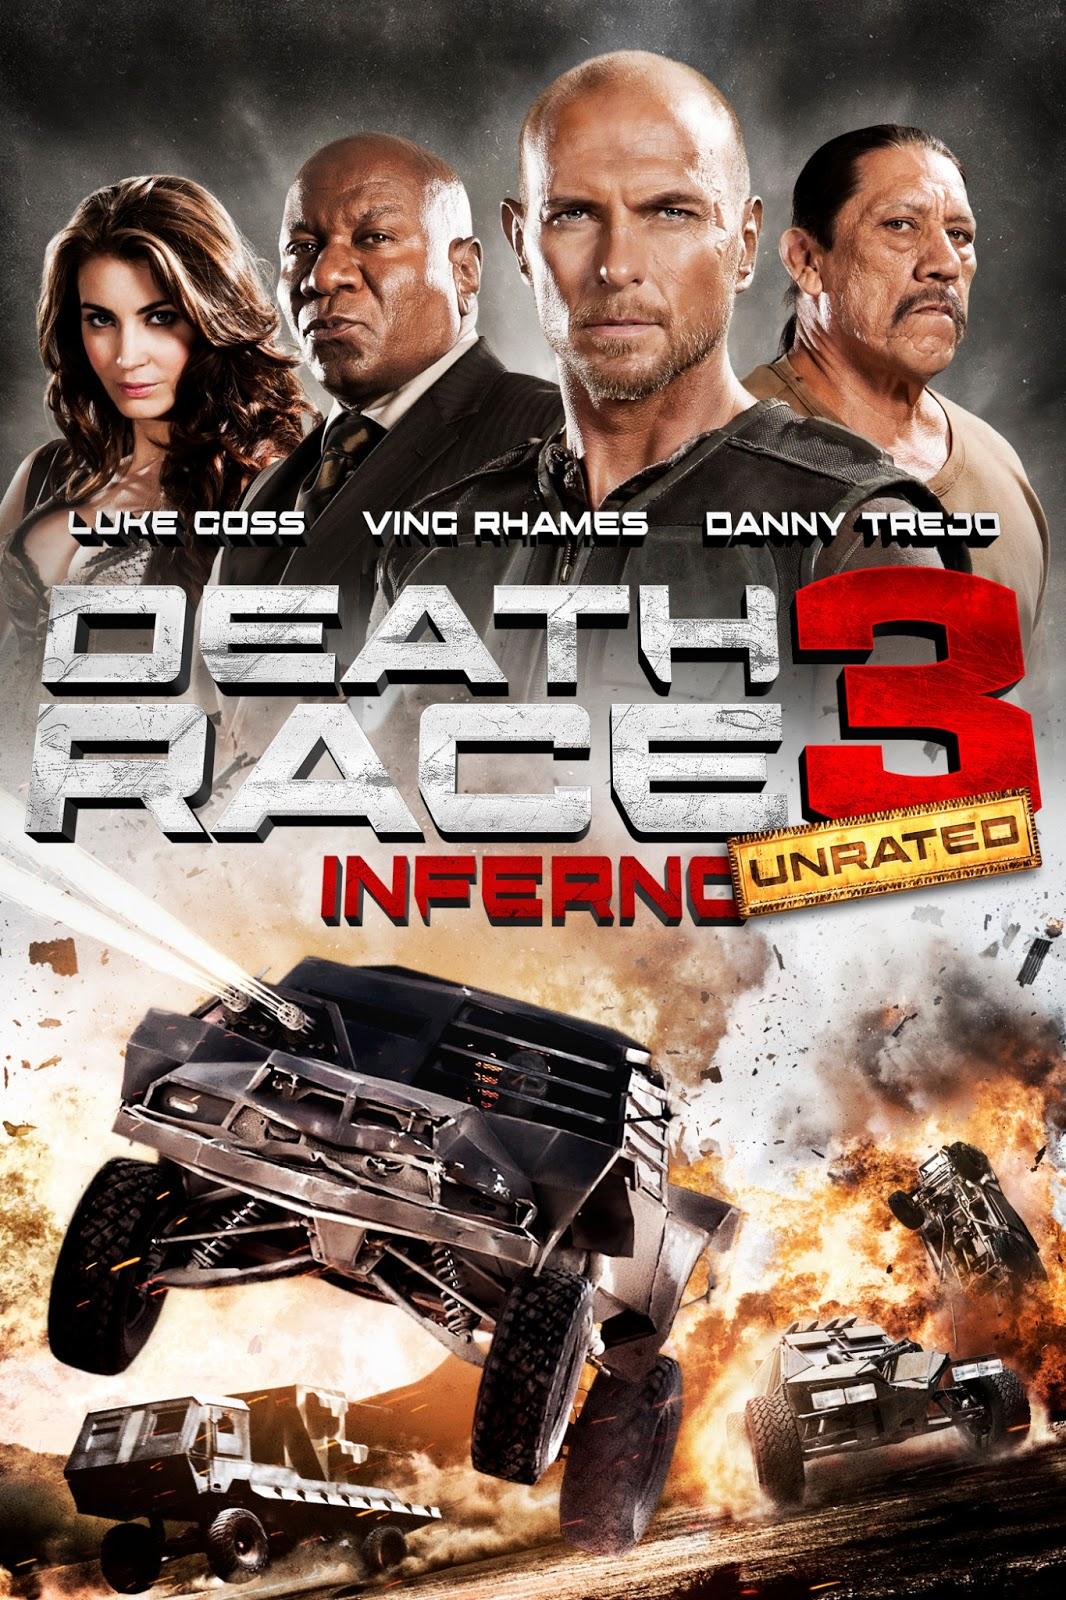 Death Race 3 ölüm Yarışı 3 Türkçe Dublaj Izle 2013 Film Izle